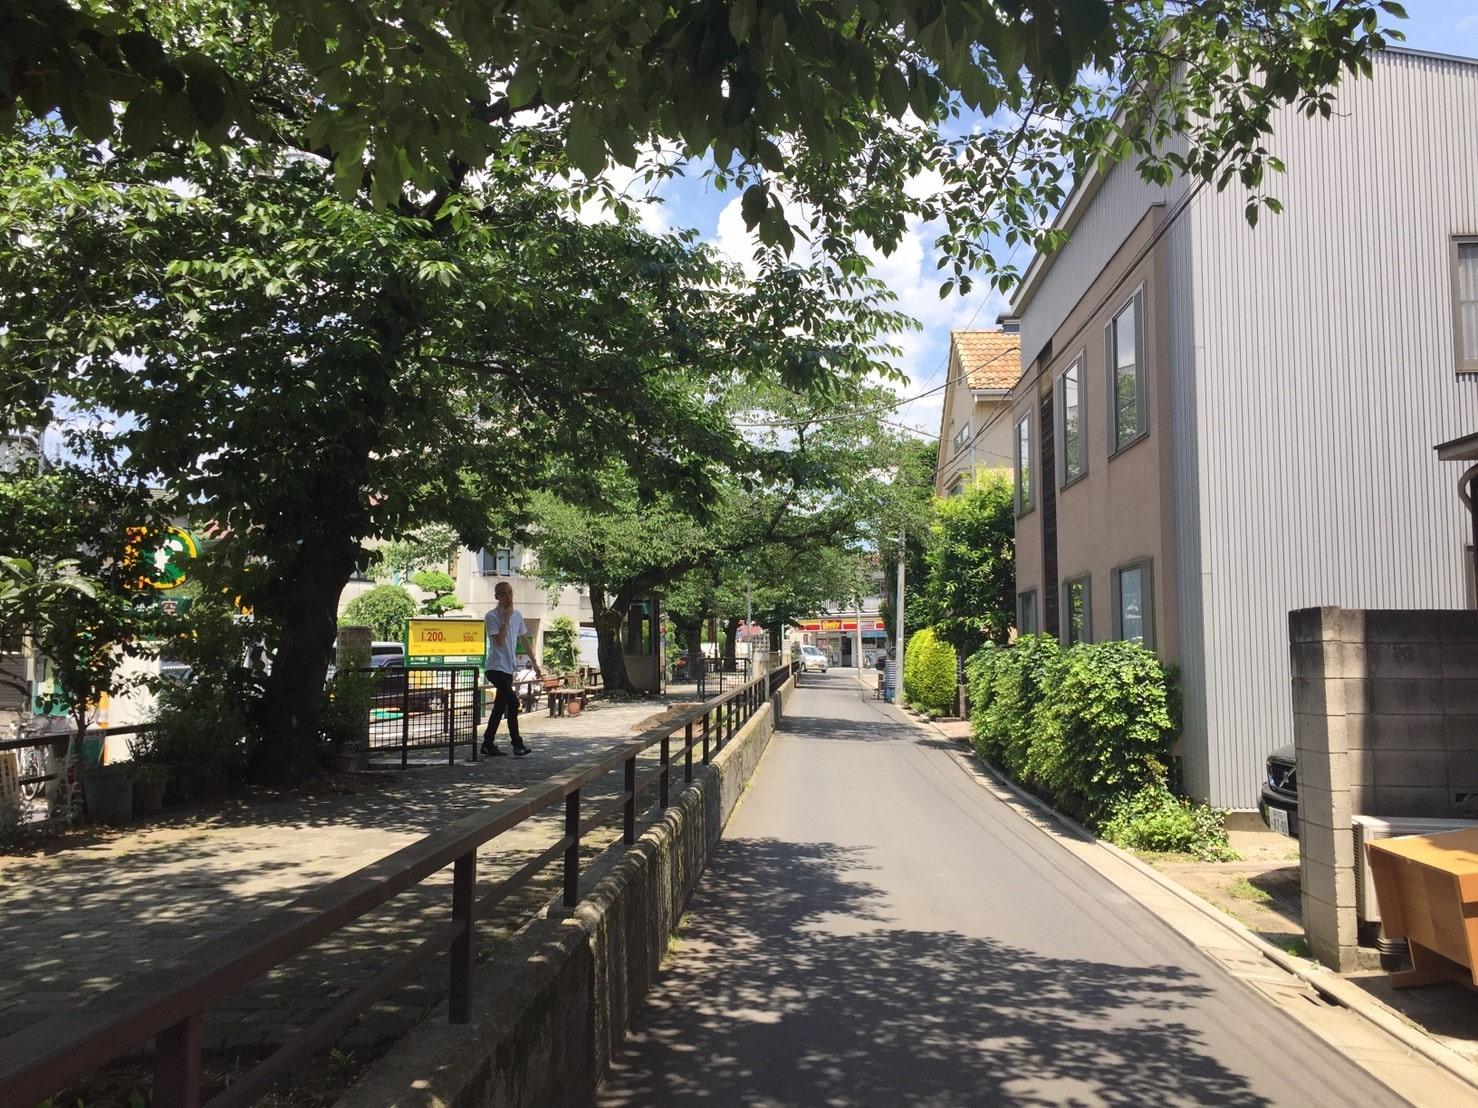 住宅街の並木道